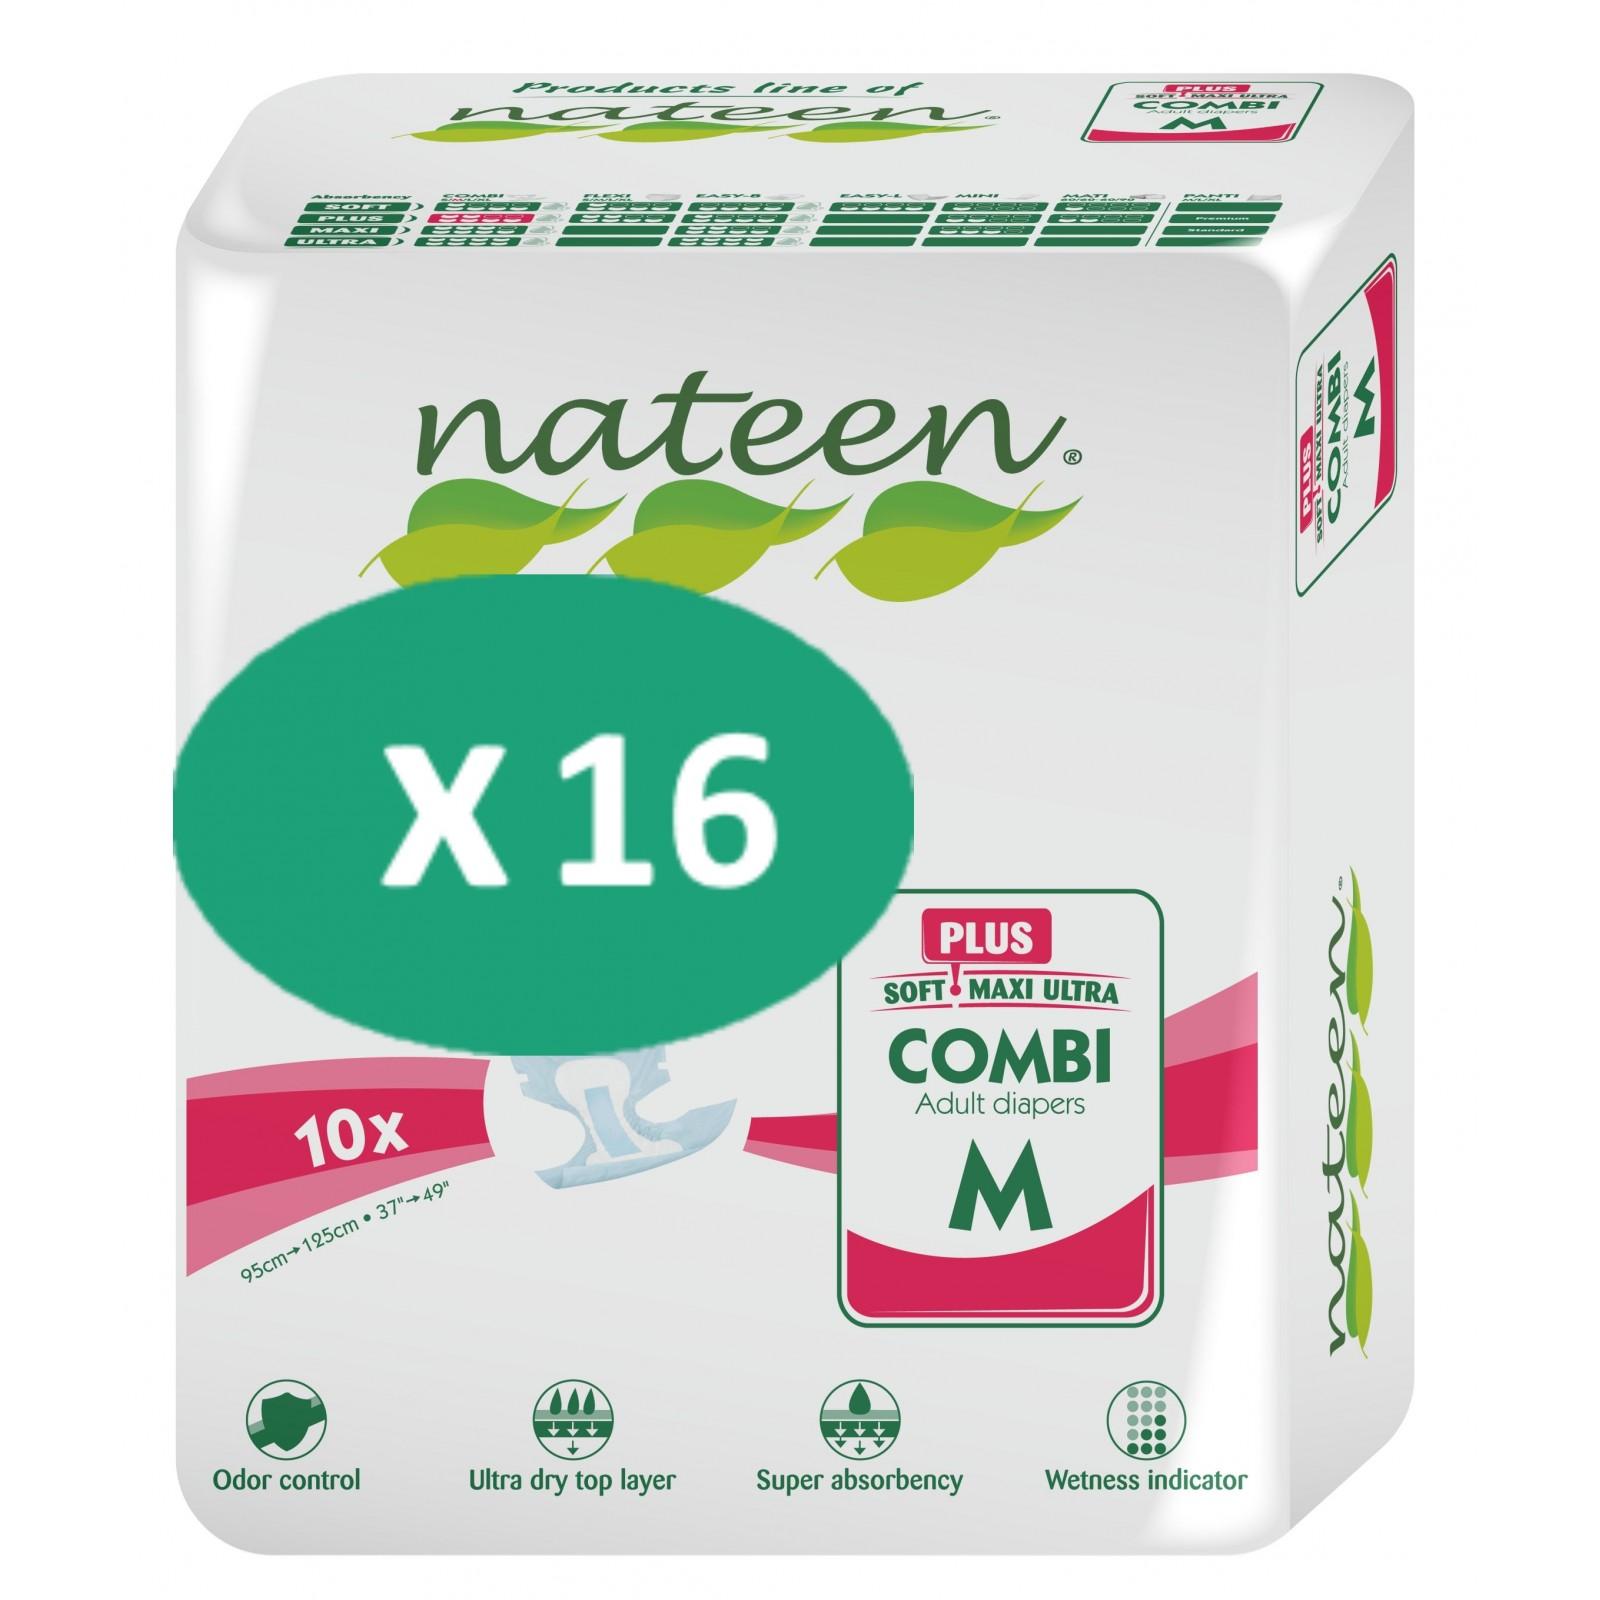 16 paquets de Nateen Combi Plus Medium| SenUp.com